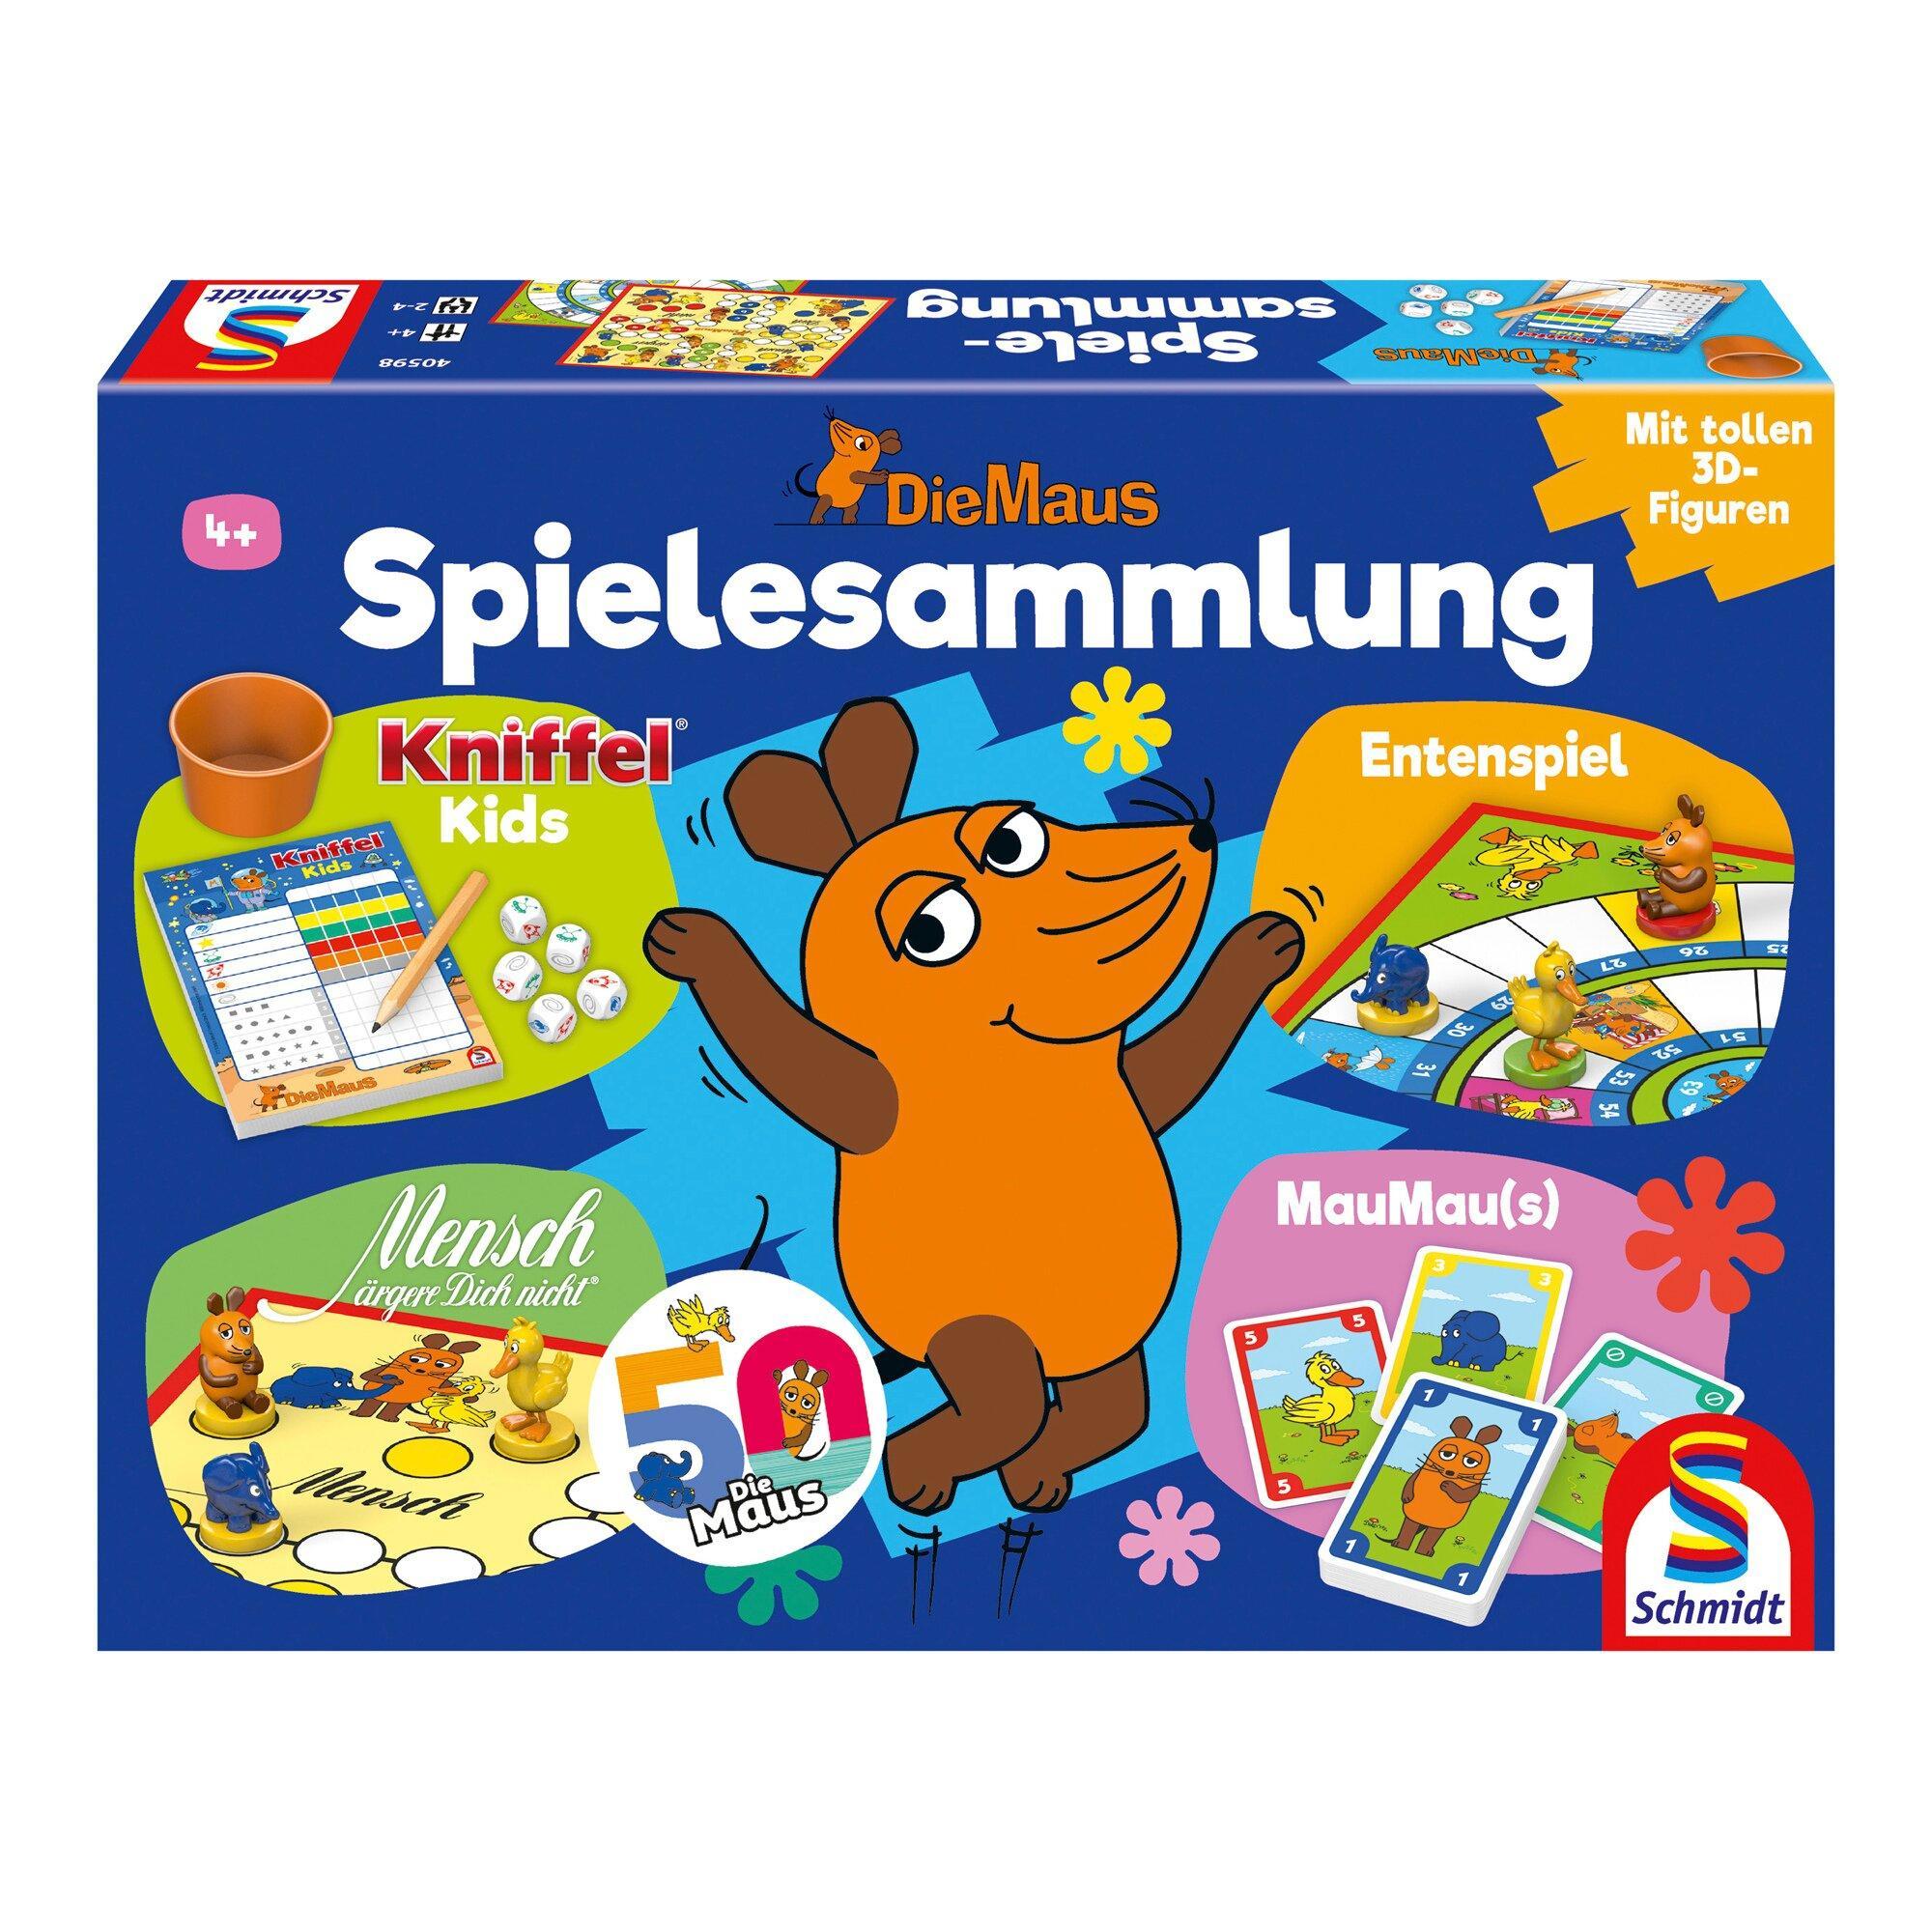 Spielesammlung Die Maus